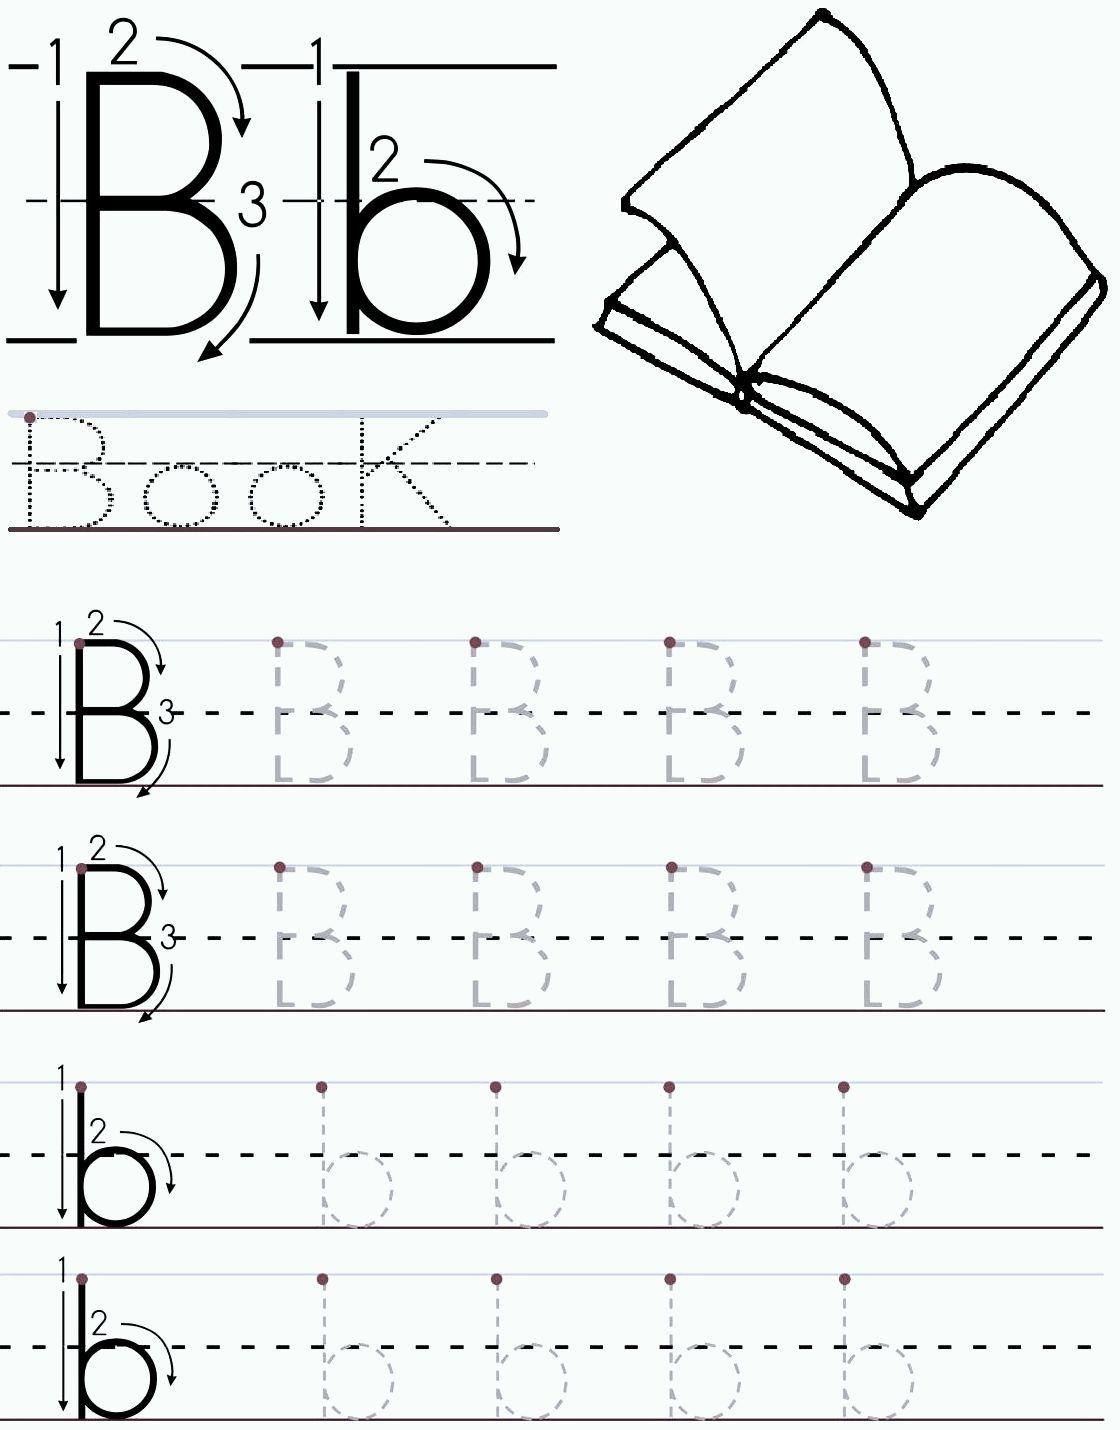 Learning To Print Worksheet Preschool | Printable Worksheets inside Letter B Worksheets Printable